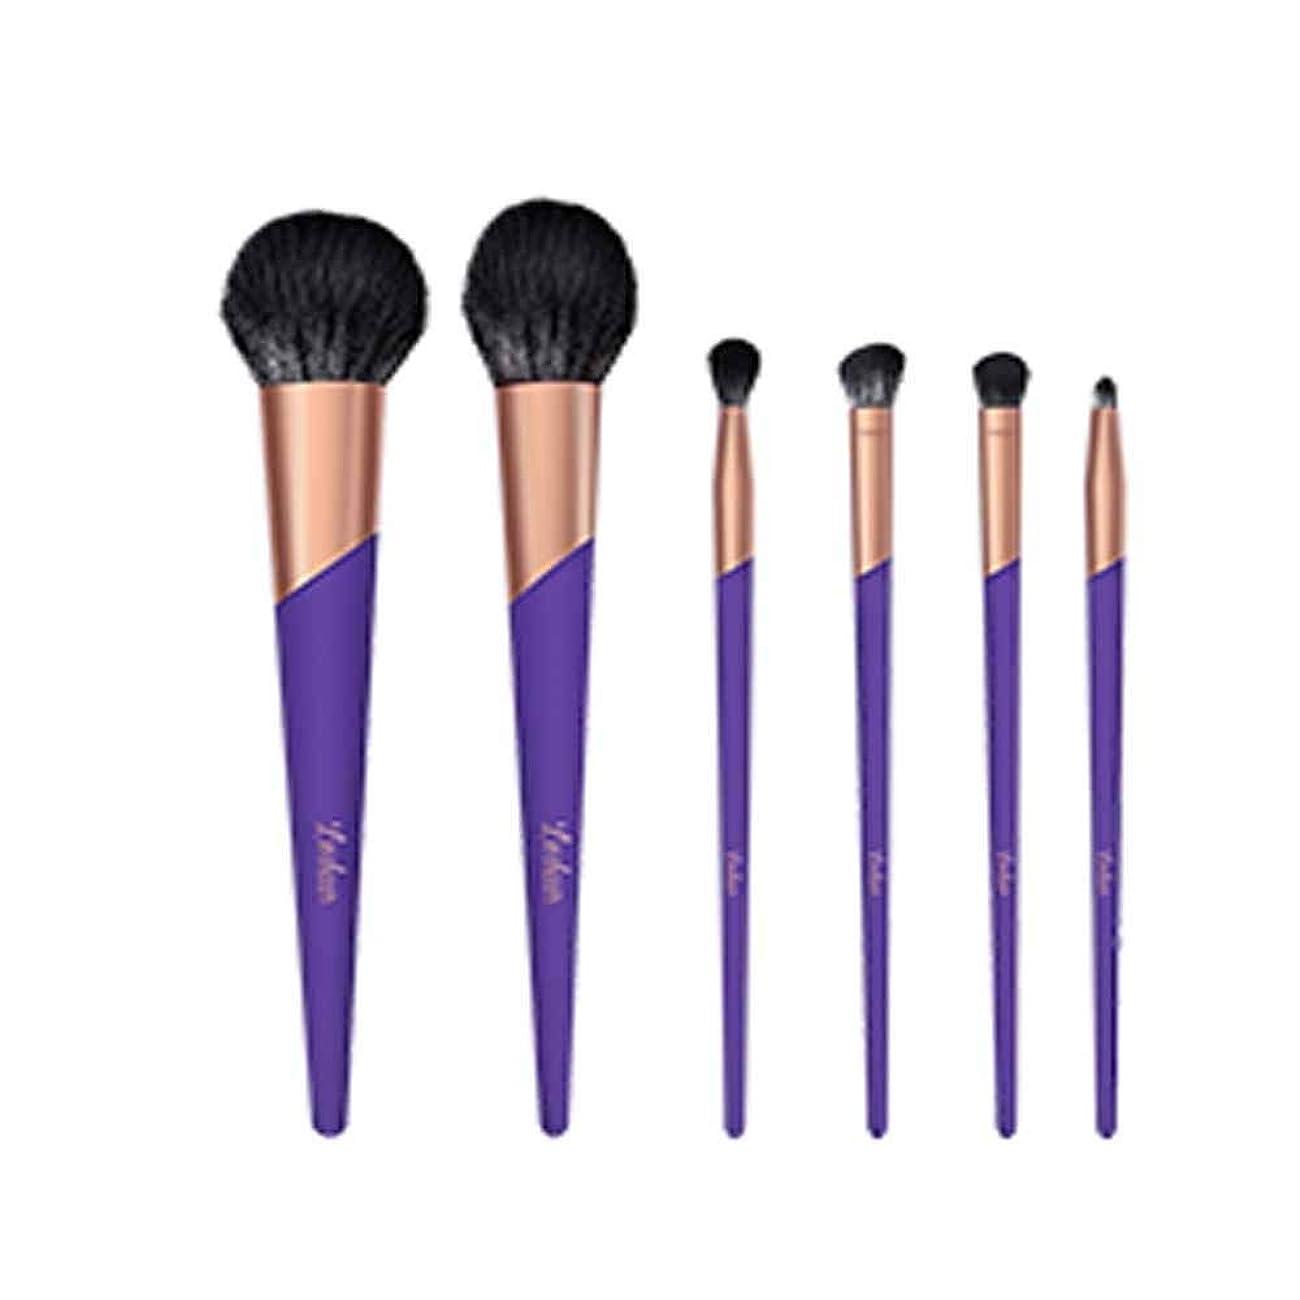 サラダ水没抑制Qiyuezhuangshi001 化粧ブラシ、化粧ブラシセット、初心者用の特別な化粧道具一式、化粧ブラシ6個、絶妙なギフトボックス、ギフトとして使用可能,人間工学に基づいたデザイン (Color : Purple)